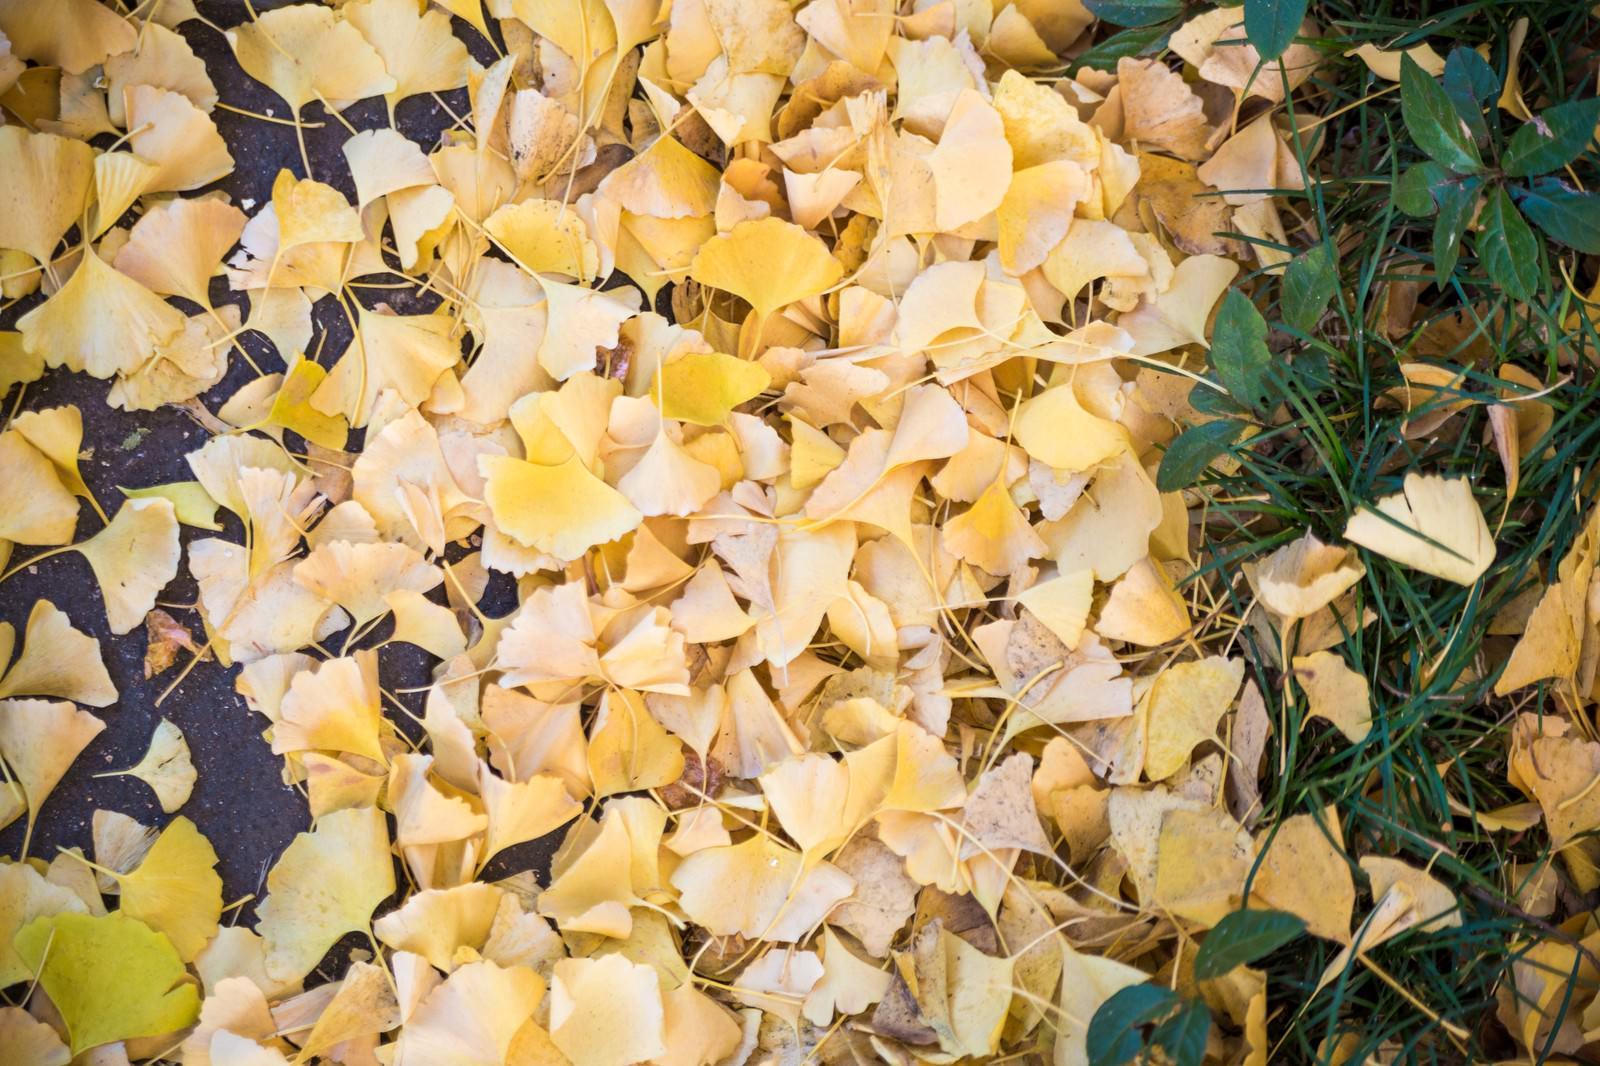 「イチョウの落ち葉」の写真